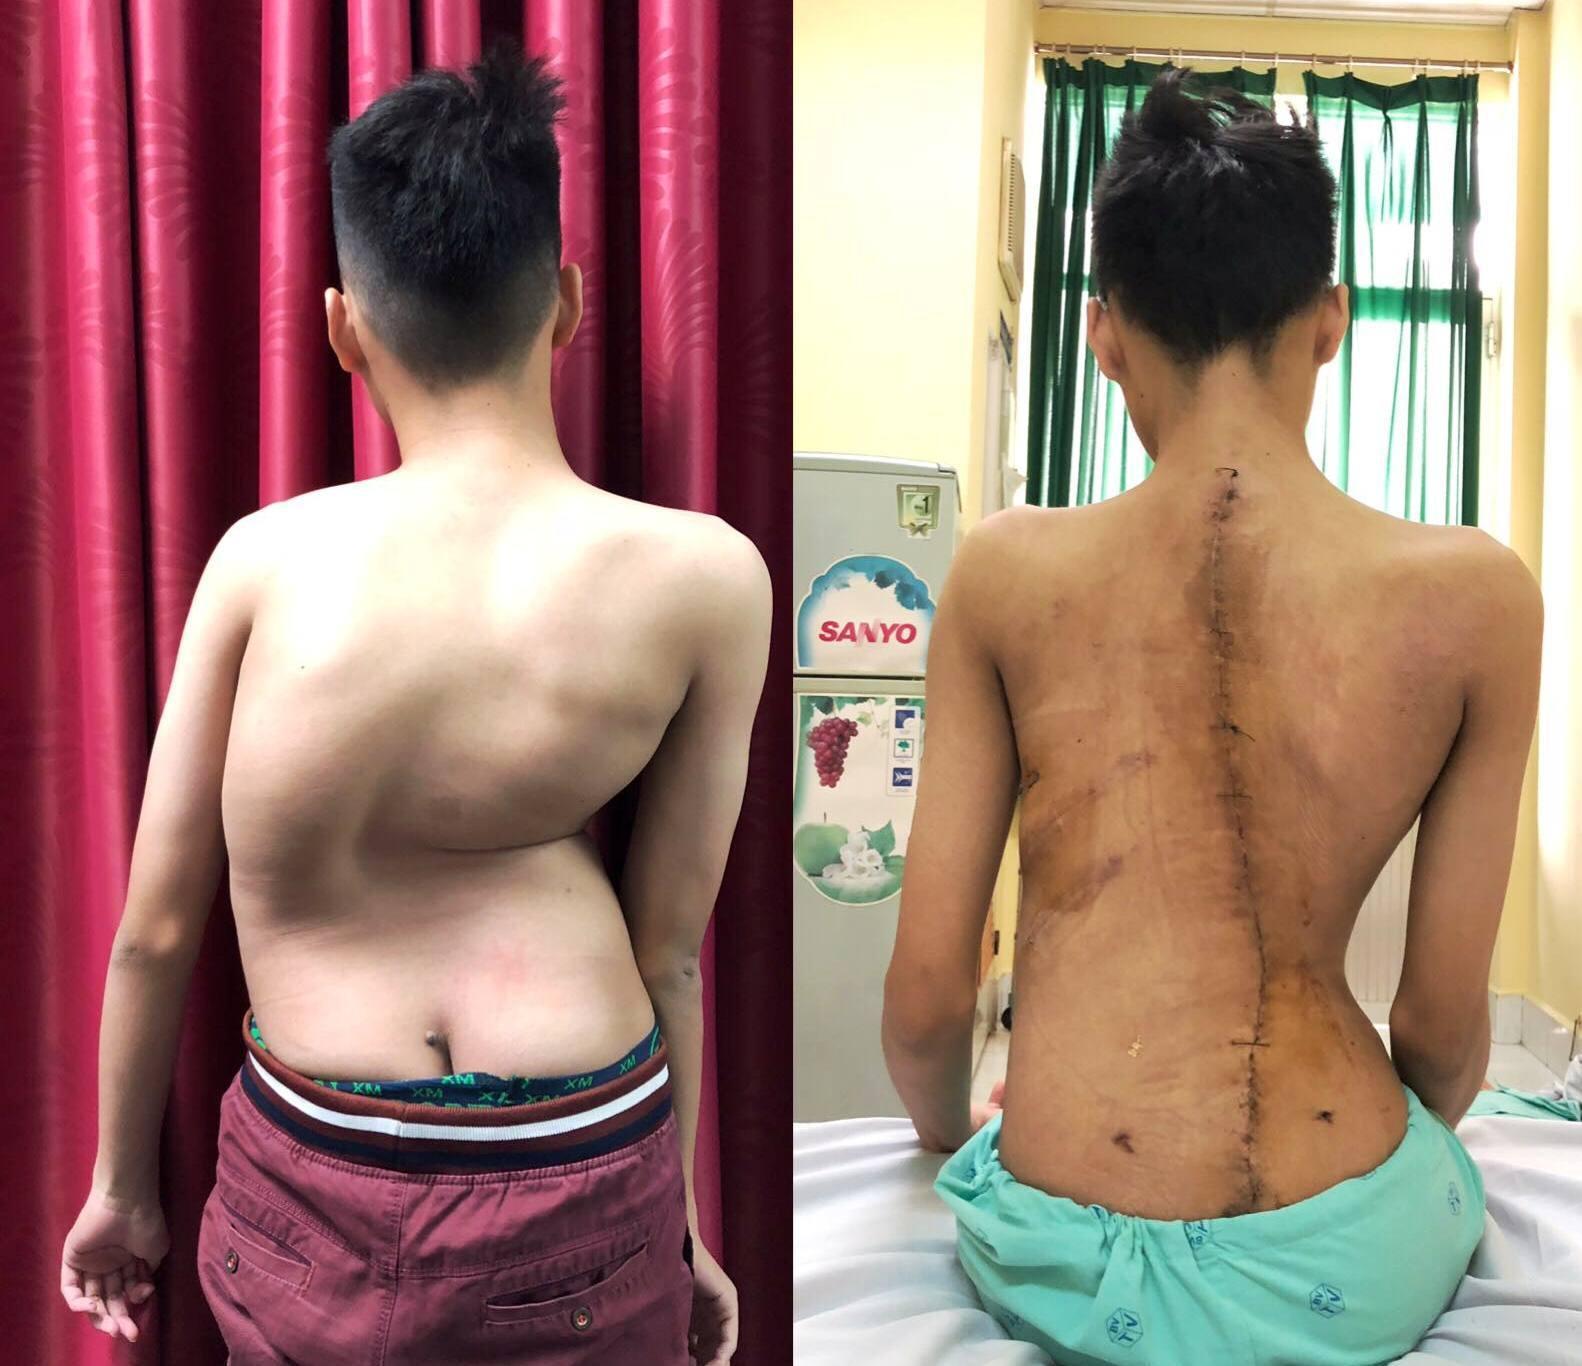 Ca phẫu thuật giúp thiếu niên 17 tuổi cao thêm 8cm sau 1 đêm